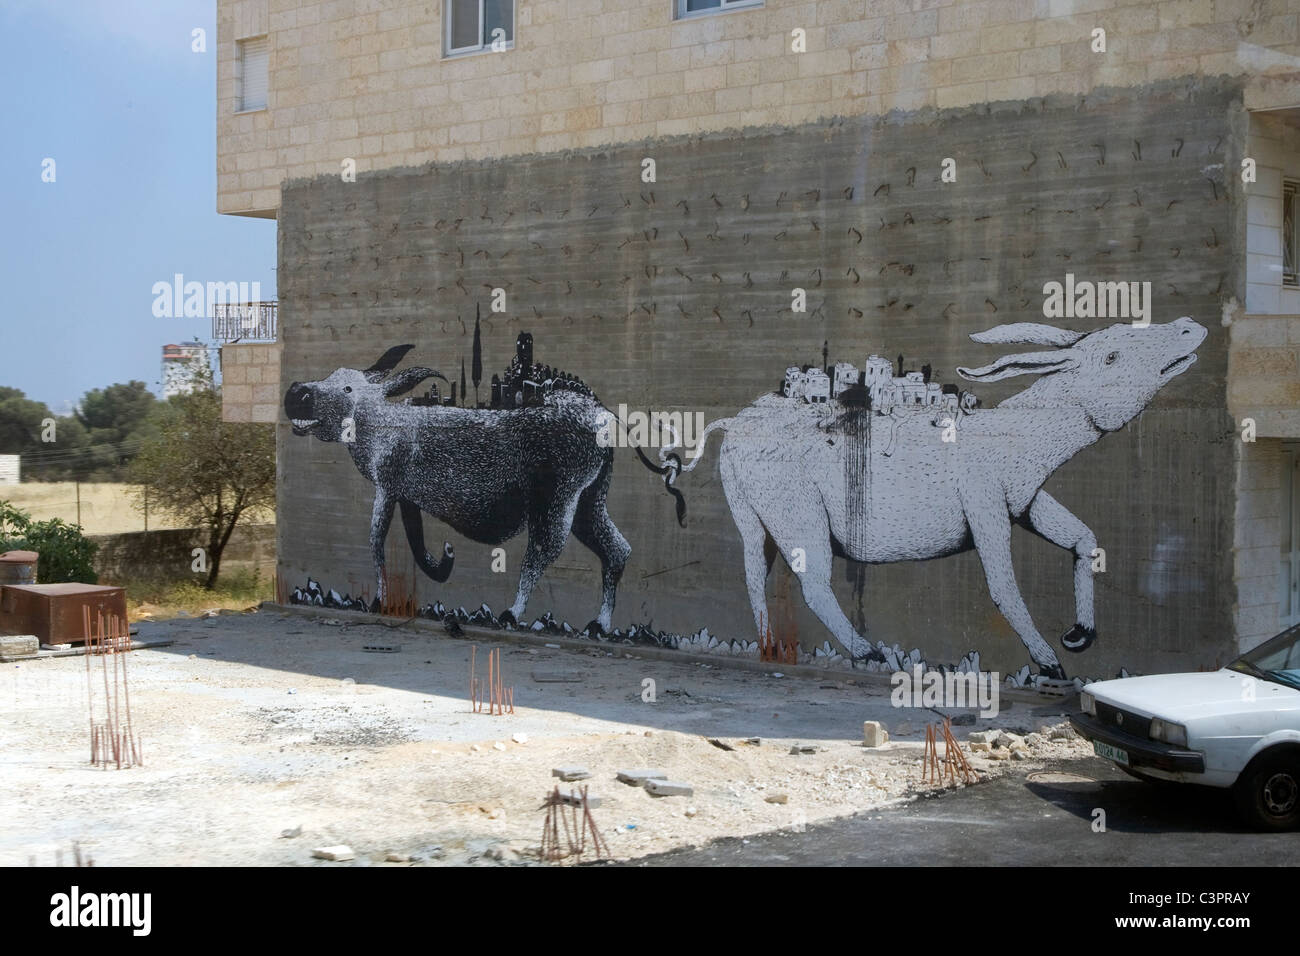 Ein Graffiti-Gemälde, den arabisch-israelischen Konflikt im Nahen Osten. Stockbild